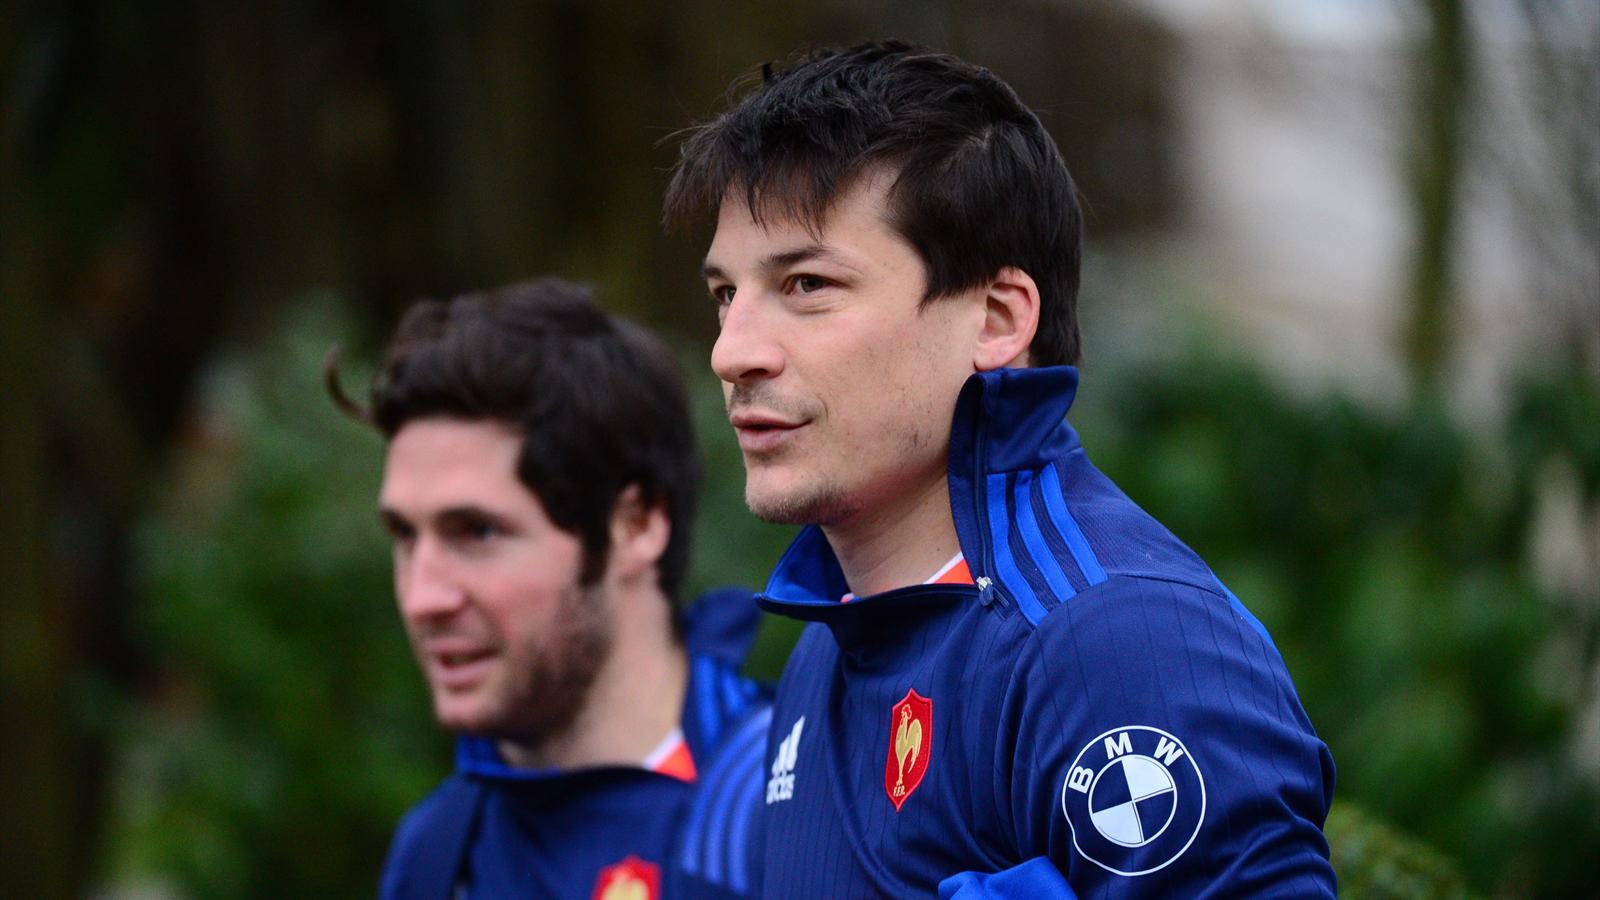 Maxime Machenaud et François Trinh-Duc (XV de France) - 23 février 2016